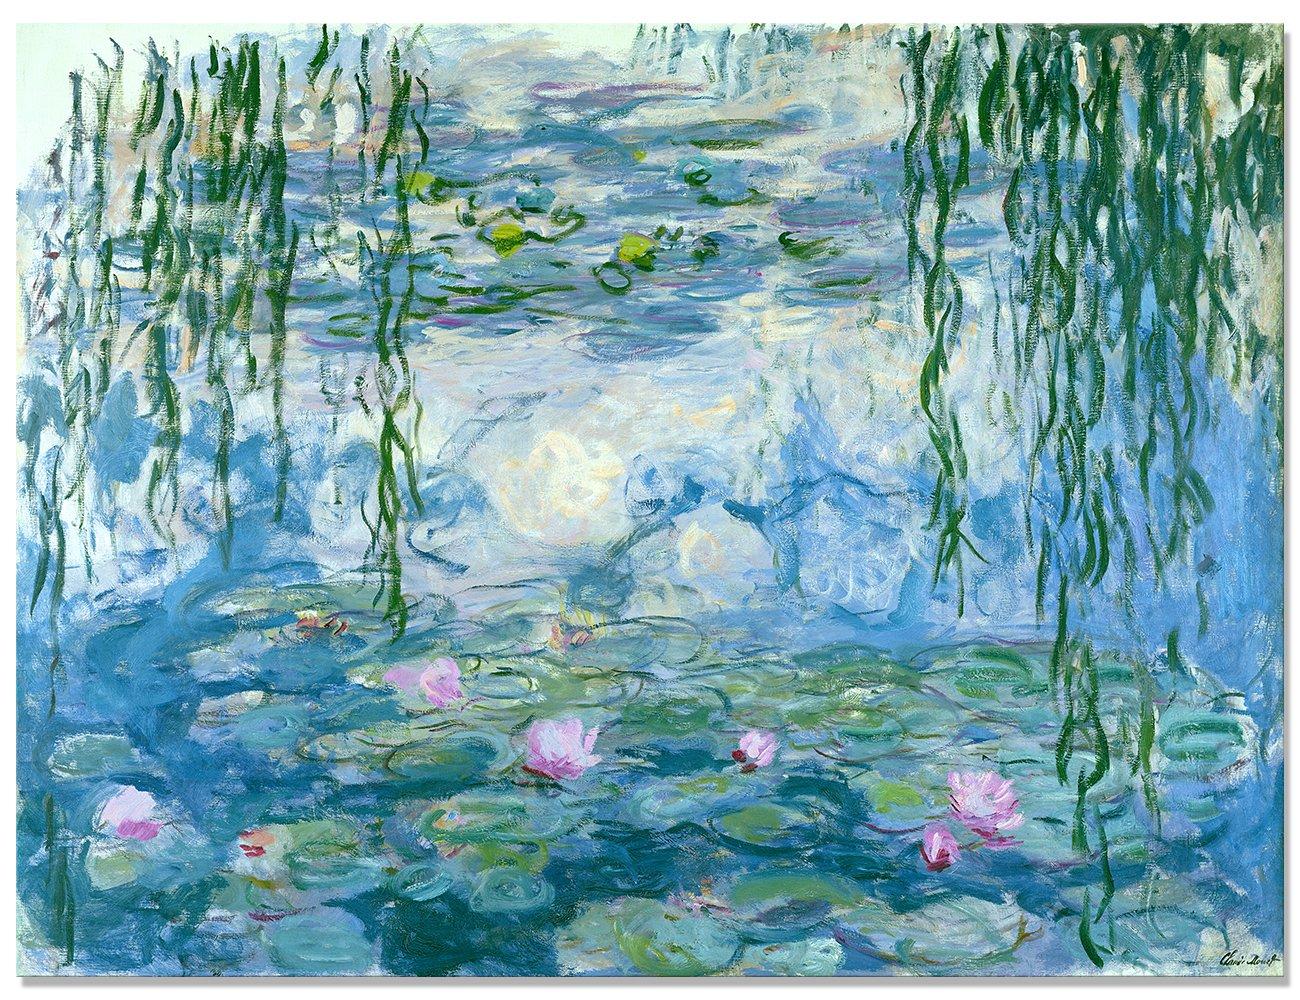 Maison Artwork Famous Impressionism Claude Monet Water